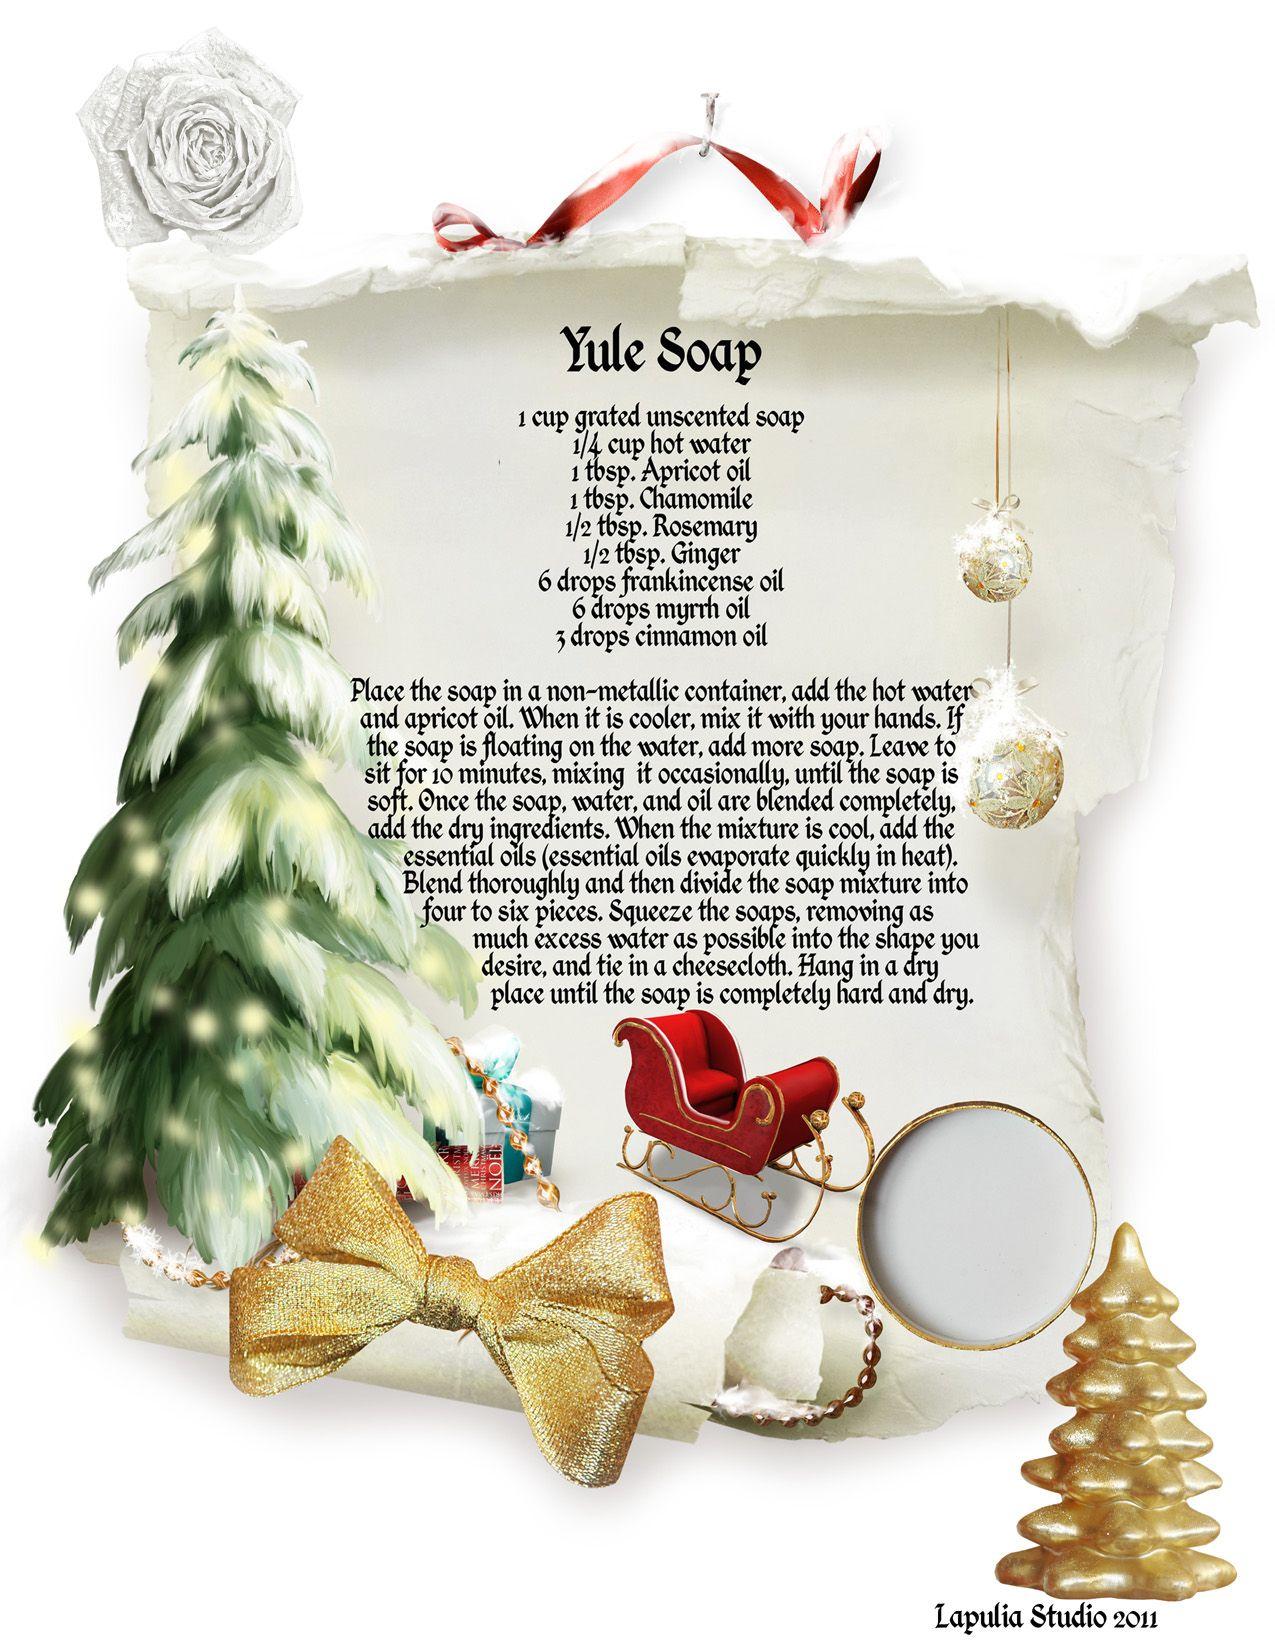 Yule - Pagan Holiday information page - Book of Shadows   Paganism ...